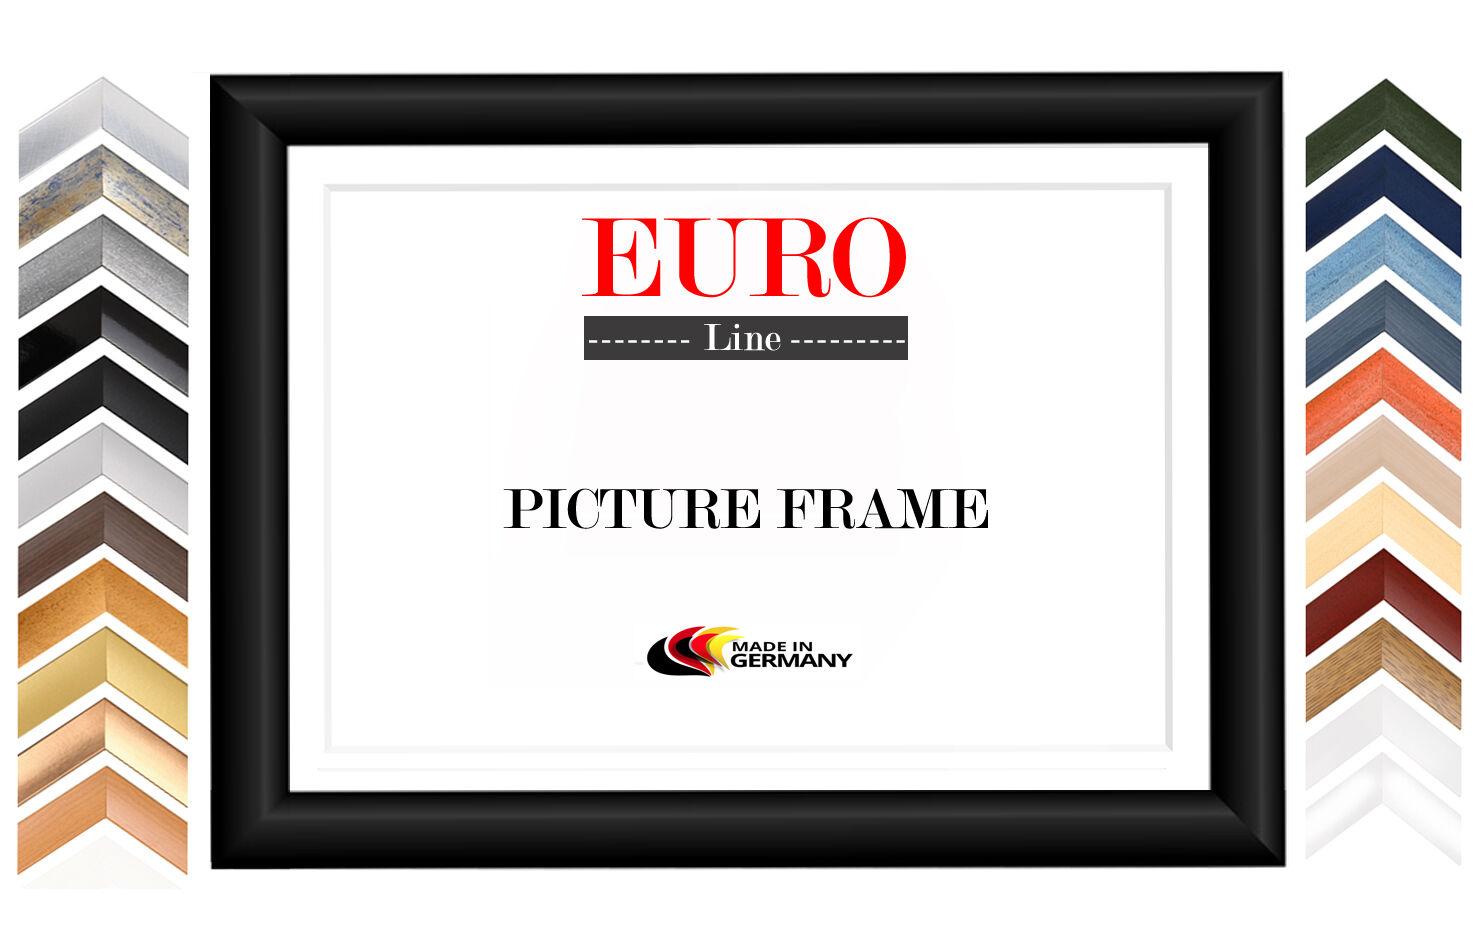 EUROLINE50 Cadre D'Image 40x135 cm ou 135x40 avec Entspiegeltem Verre Acrylique